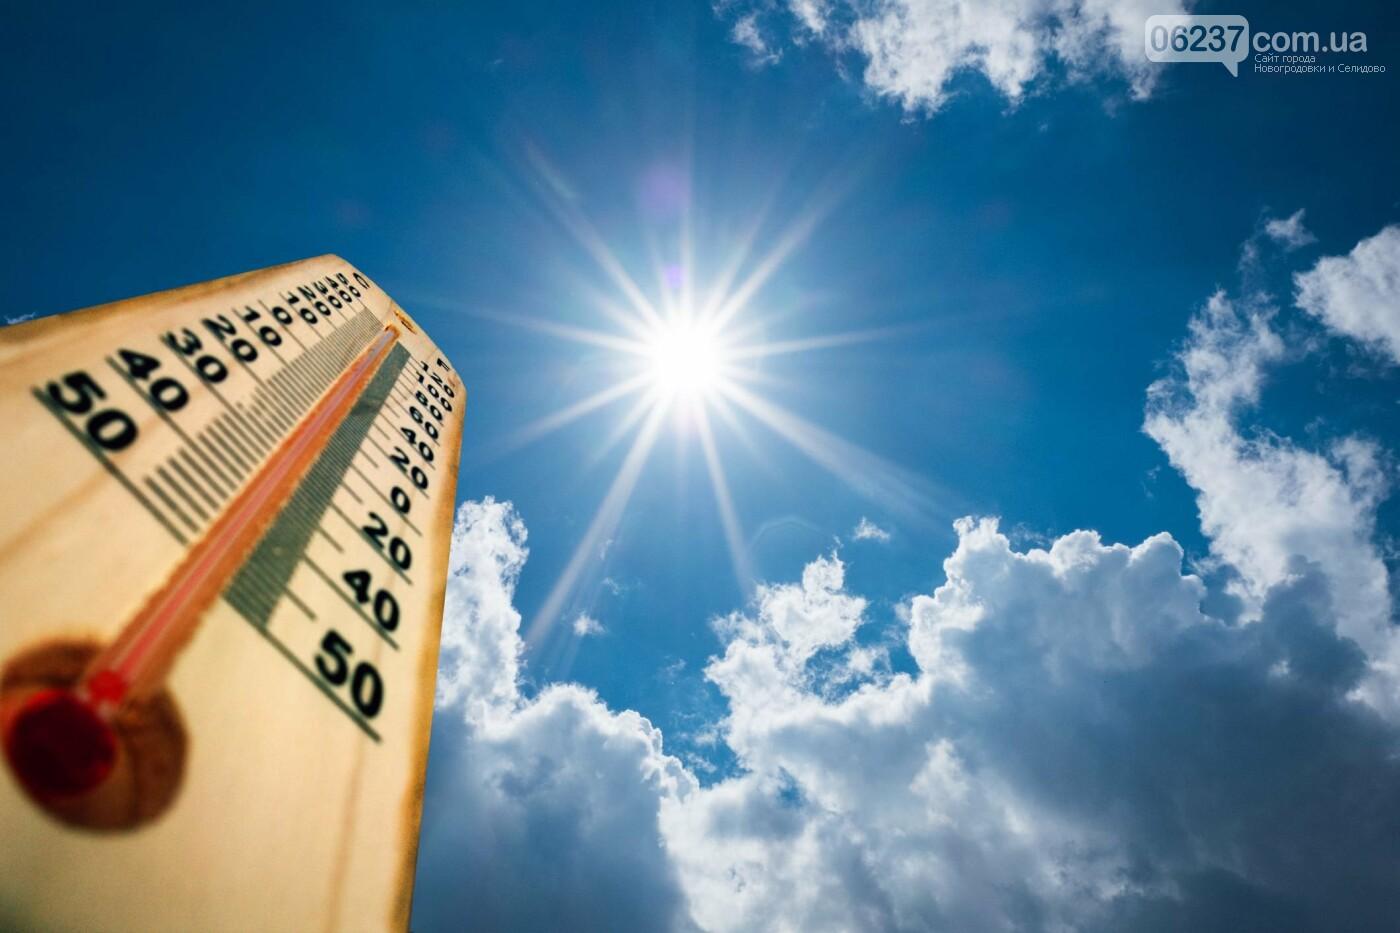 Спека повертається: прогноз погоди в Україні на тиждень, фото-1